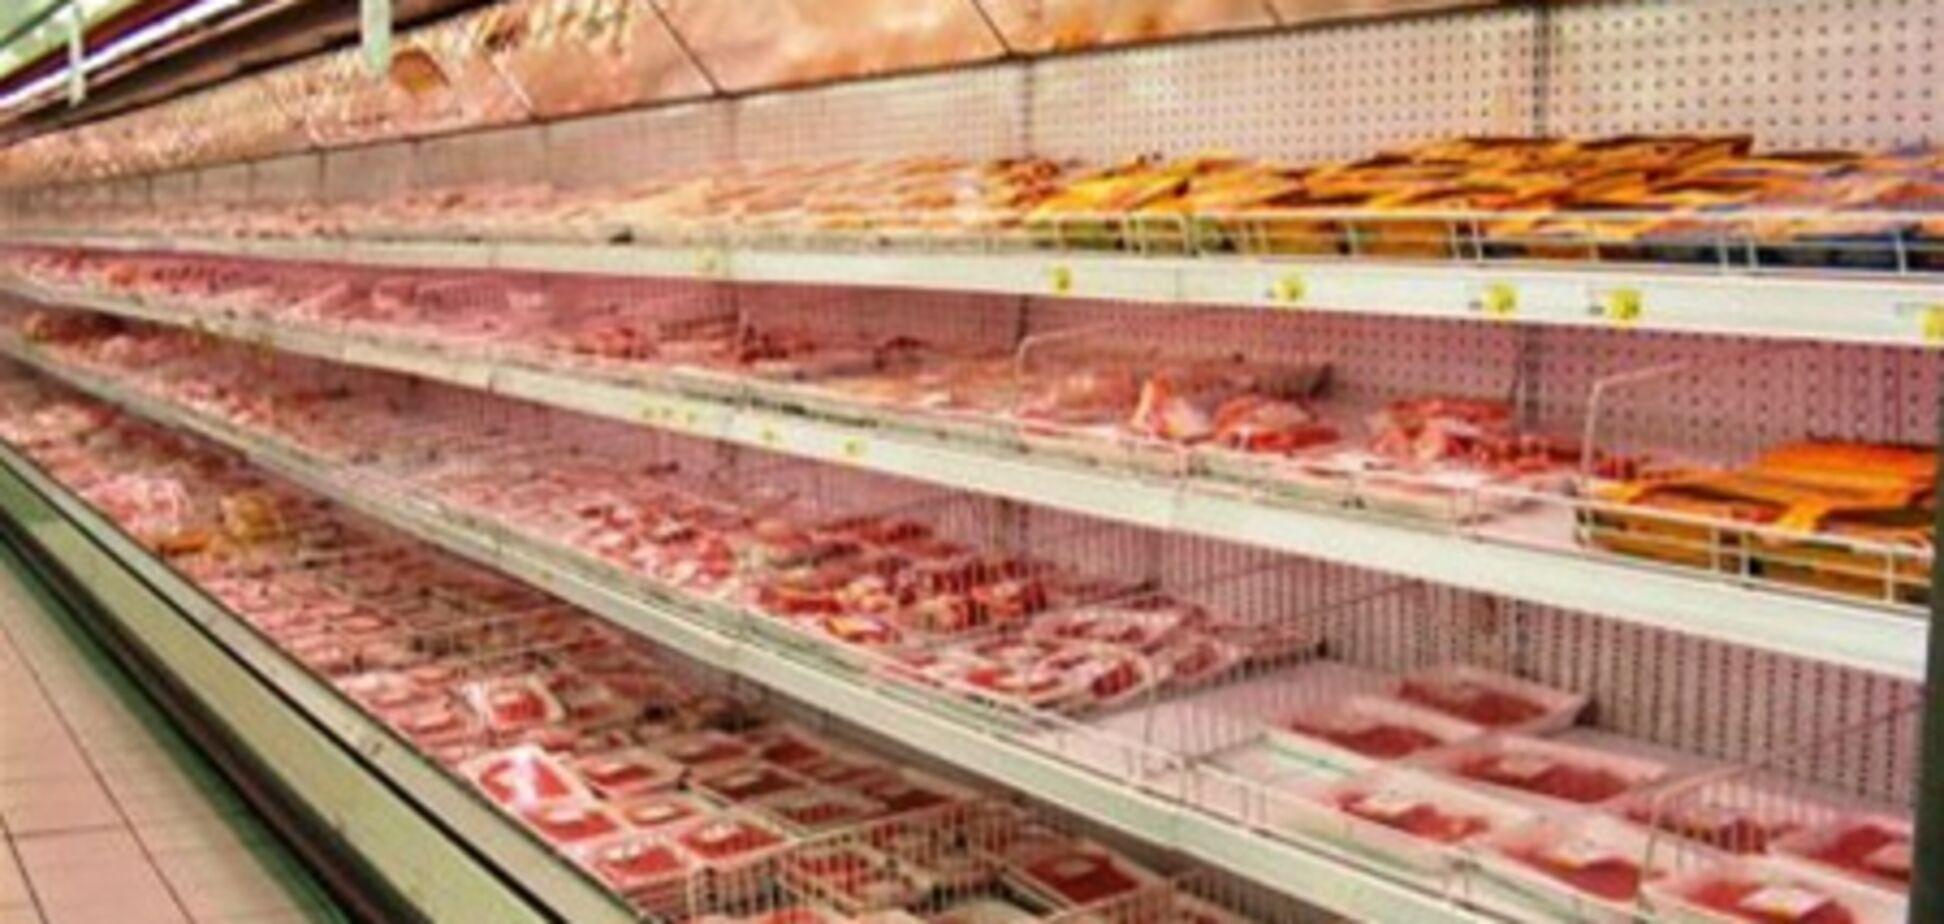 Дніпропетровськ. З супермаркетів тоннами вилучають м'ясо і рибу